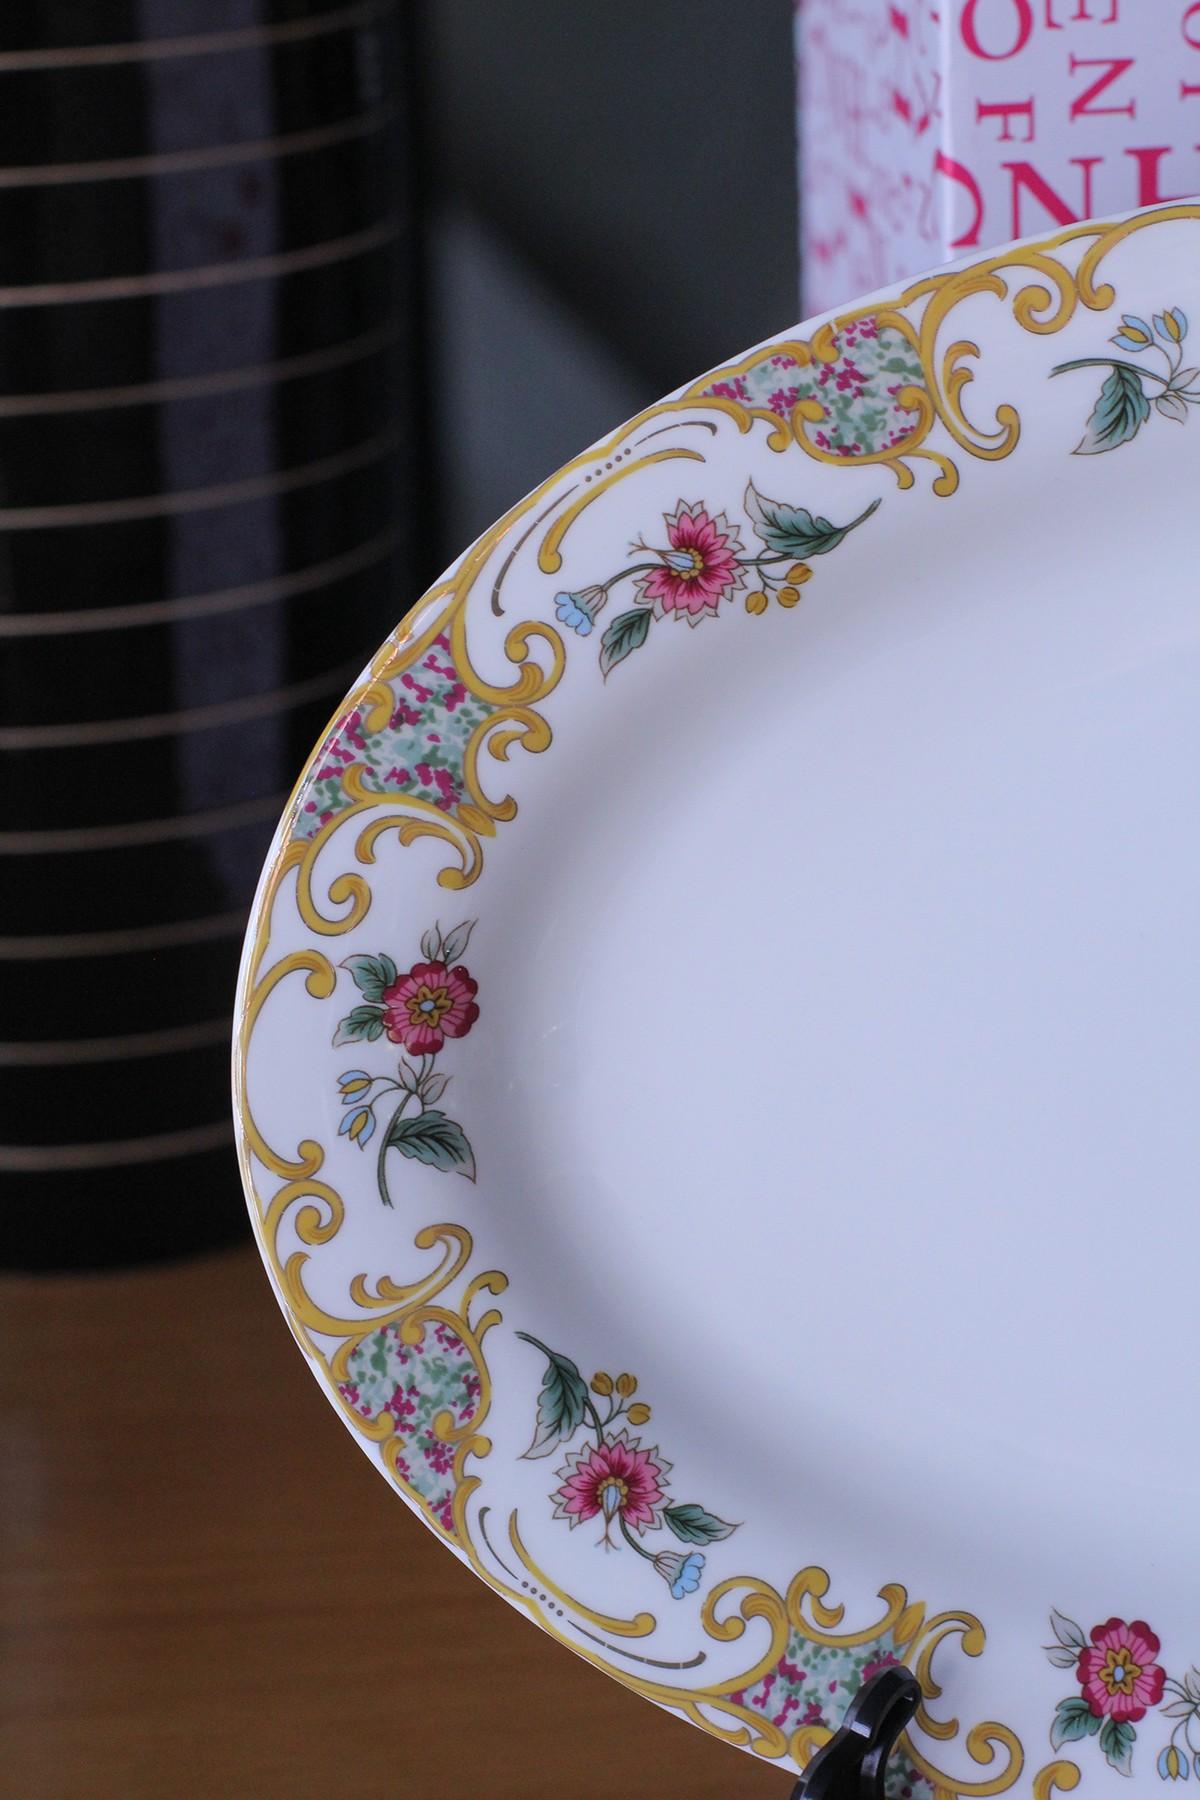 Bộ đồ ăn Sứ Xương Cao Cấp 56 Món Hoa Văn Viền Hoa Đồng Nội Xanh